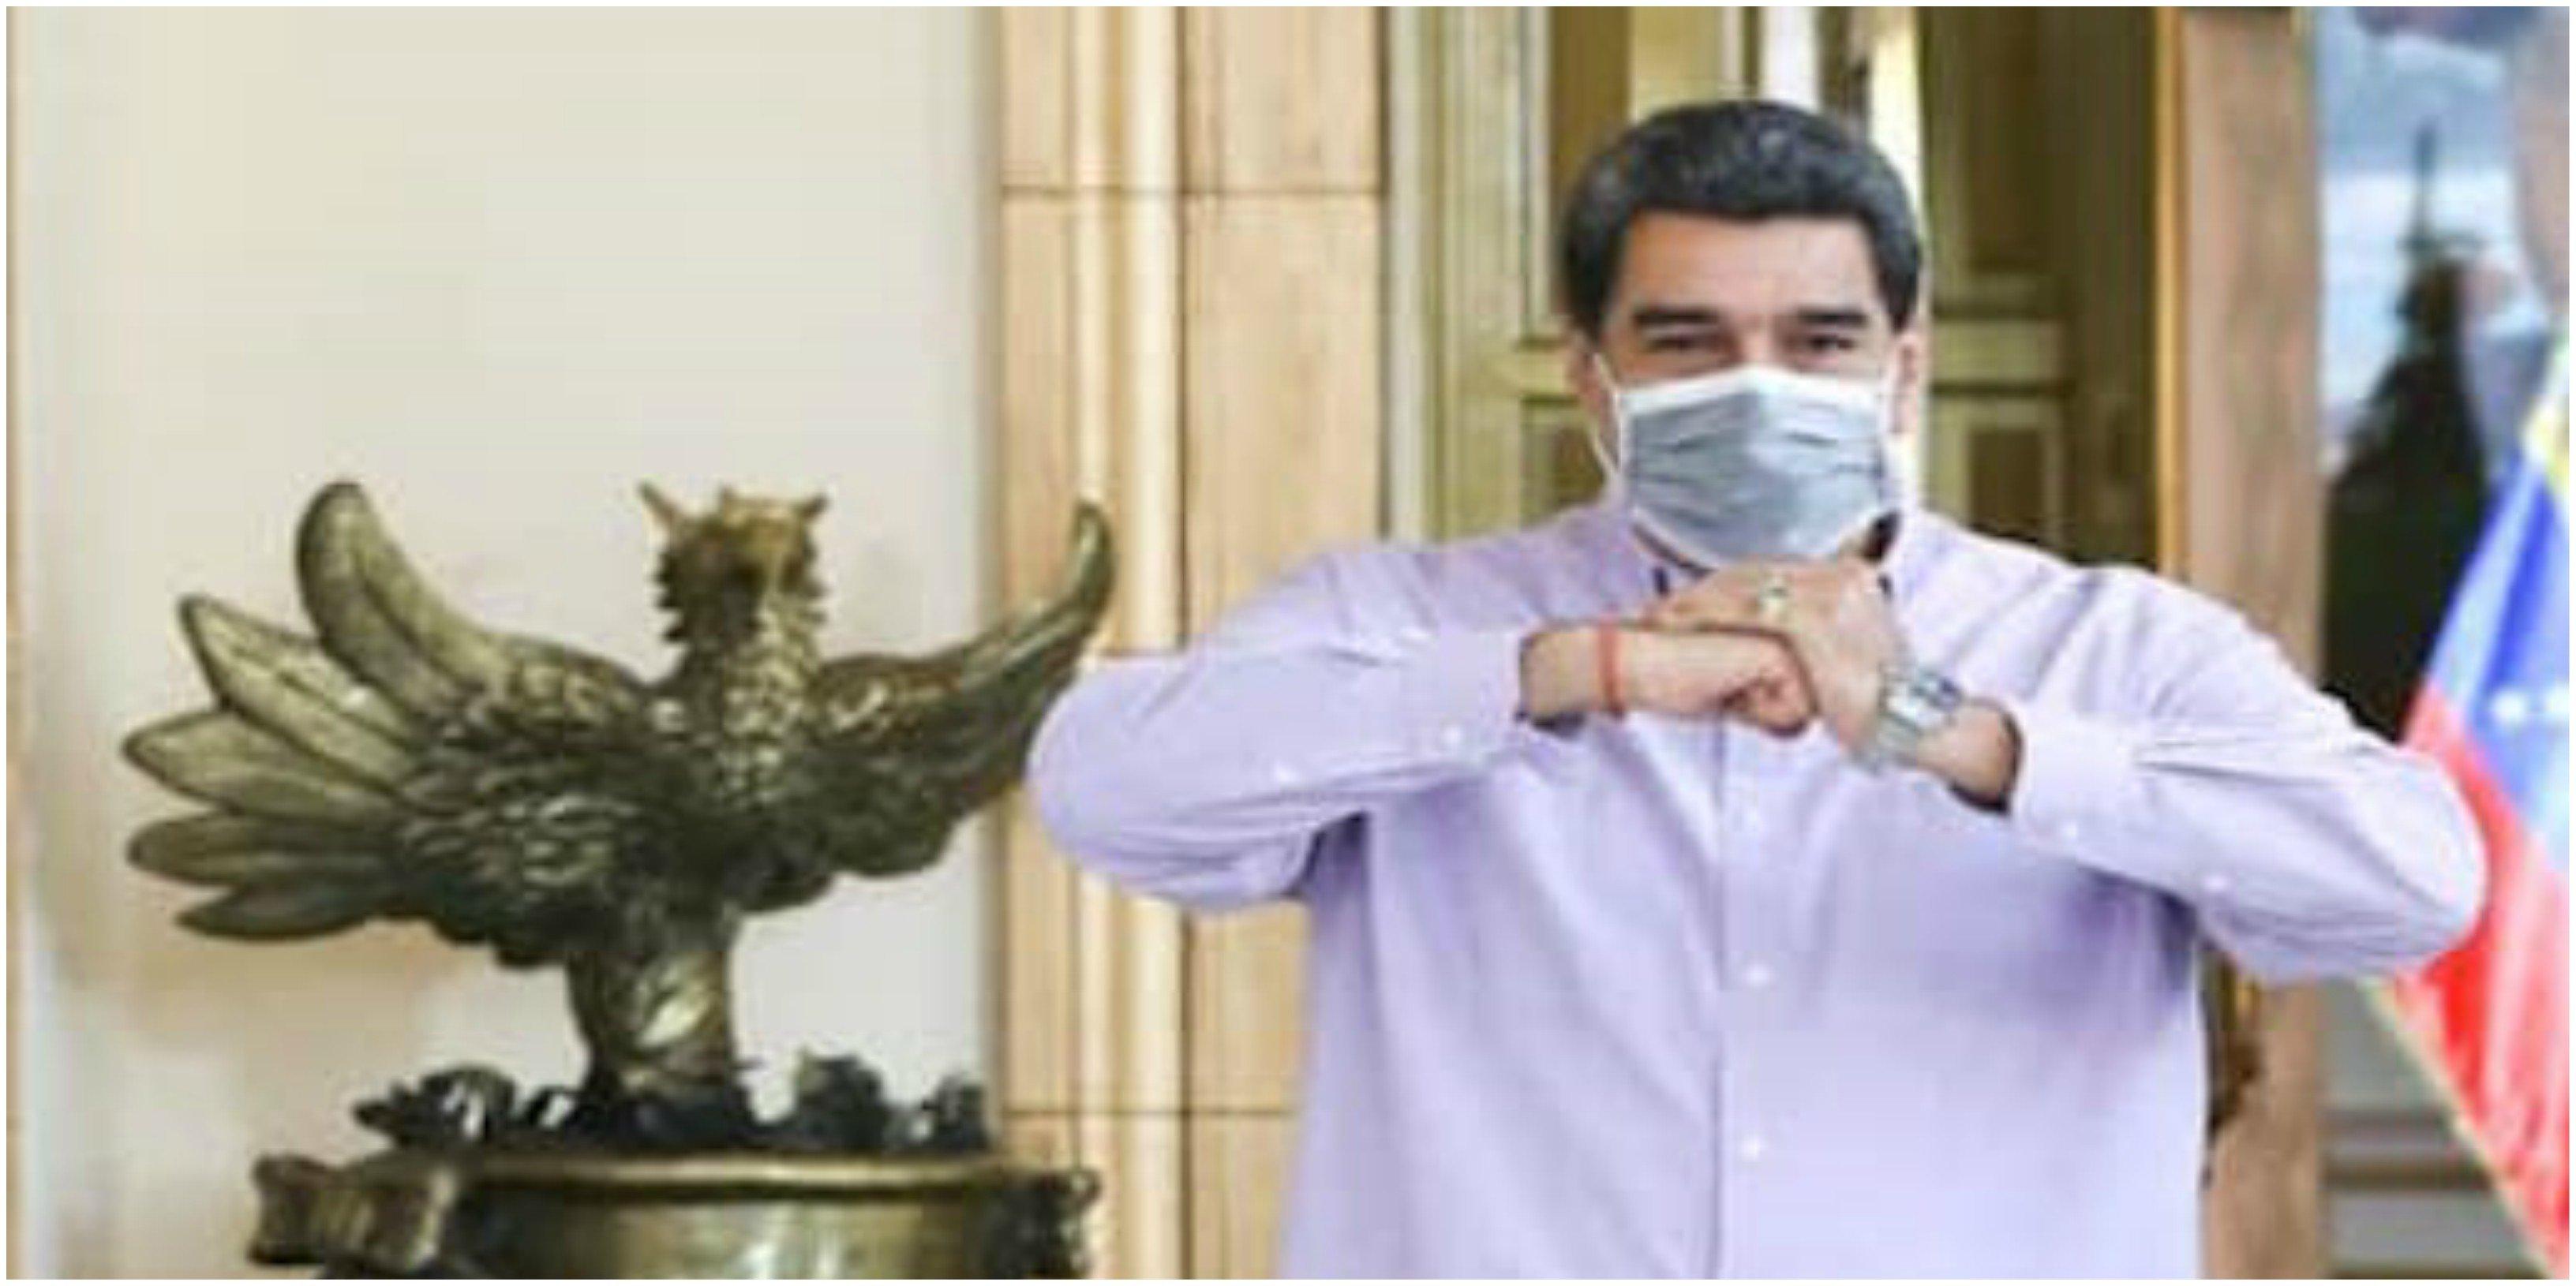 Maduro aprovecha el confinamiento: en el último mes han sido enviados a prisión 50 disidentes. En total, los presos políticos en Venezuela son ya 334